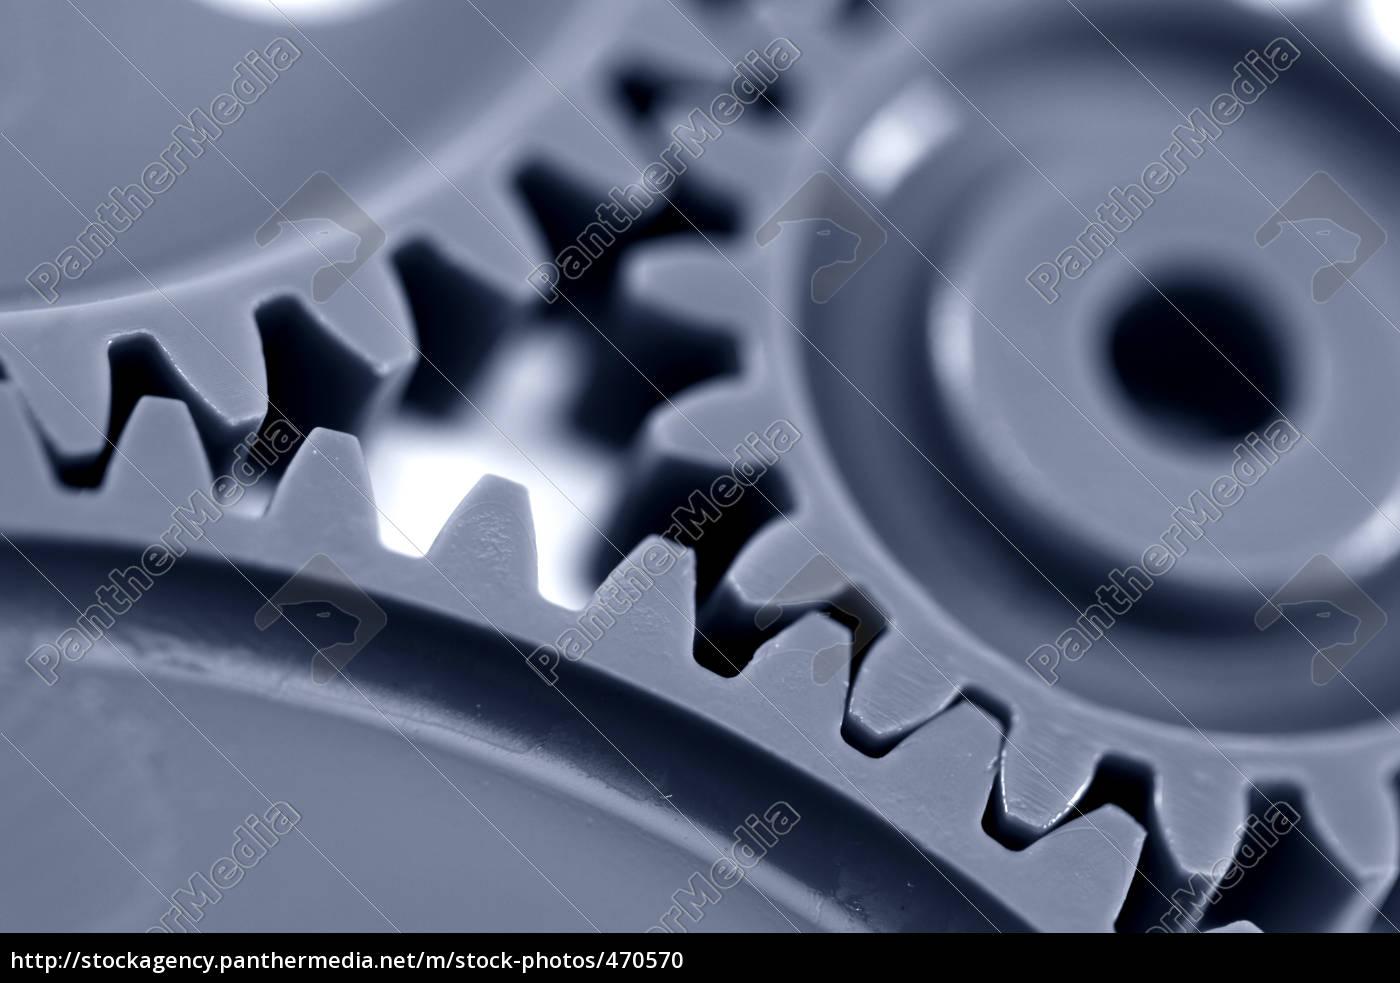 gears - 470570